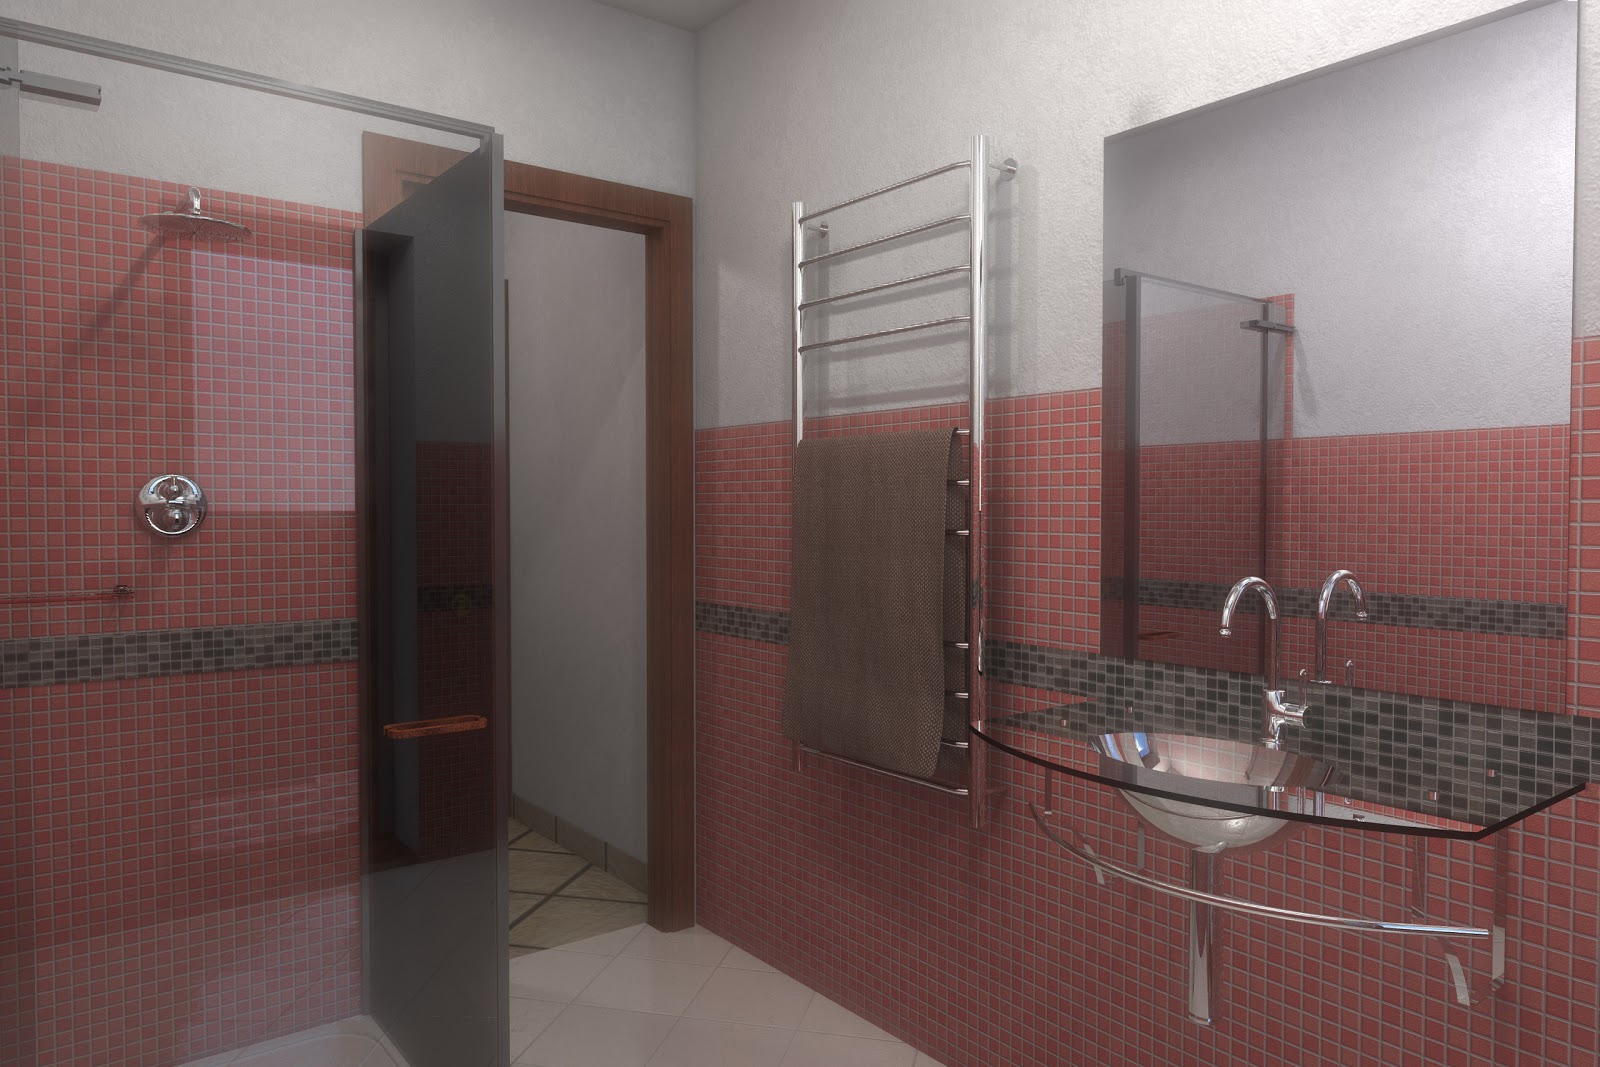 Armadi ikea camerette - Bagno mosaico rosso ...